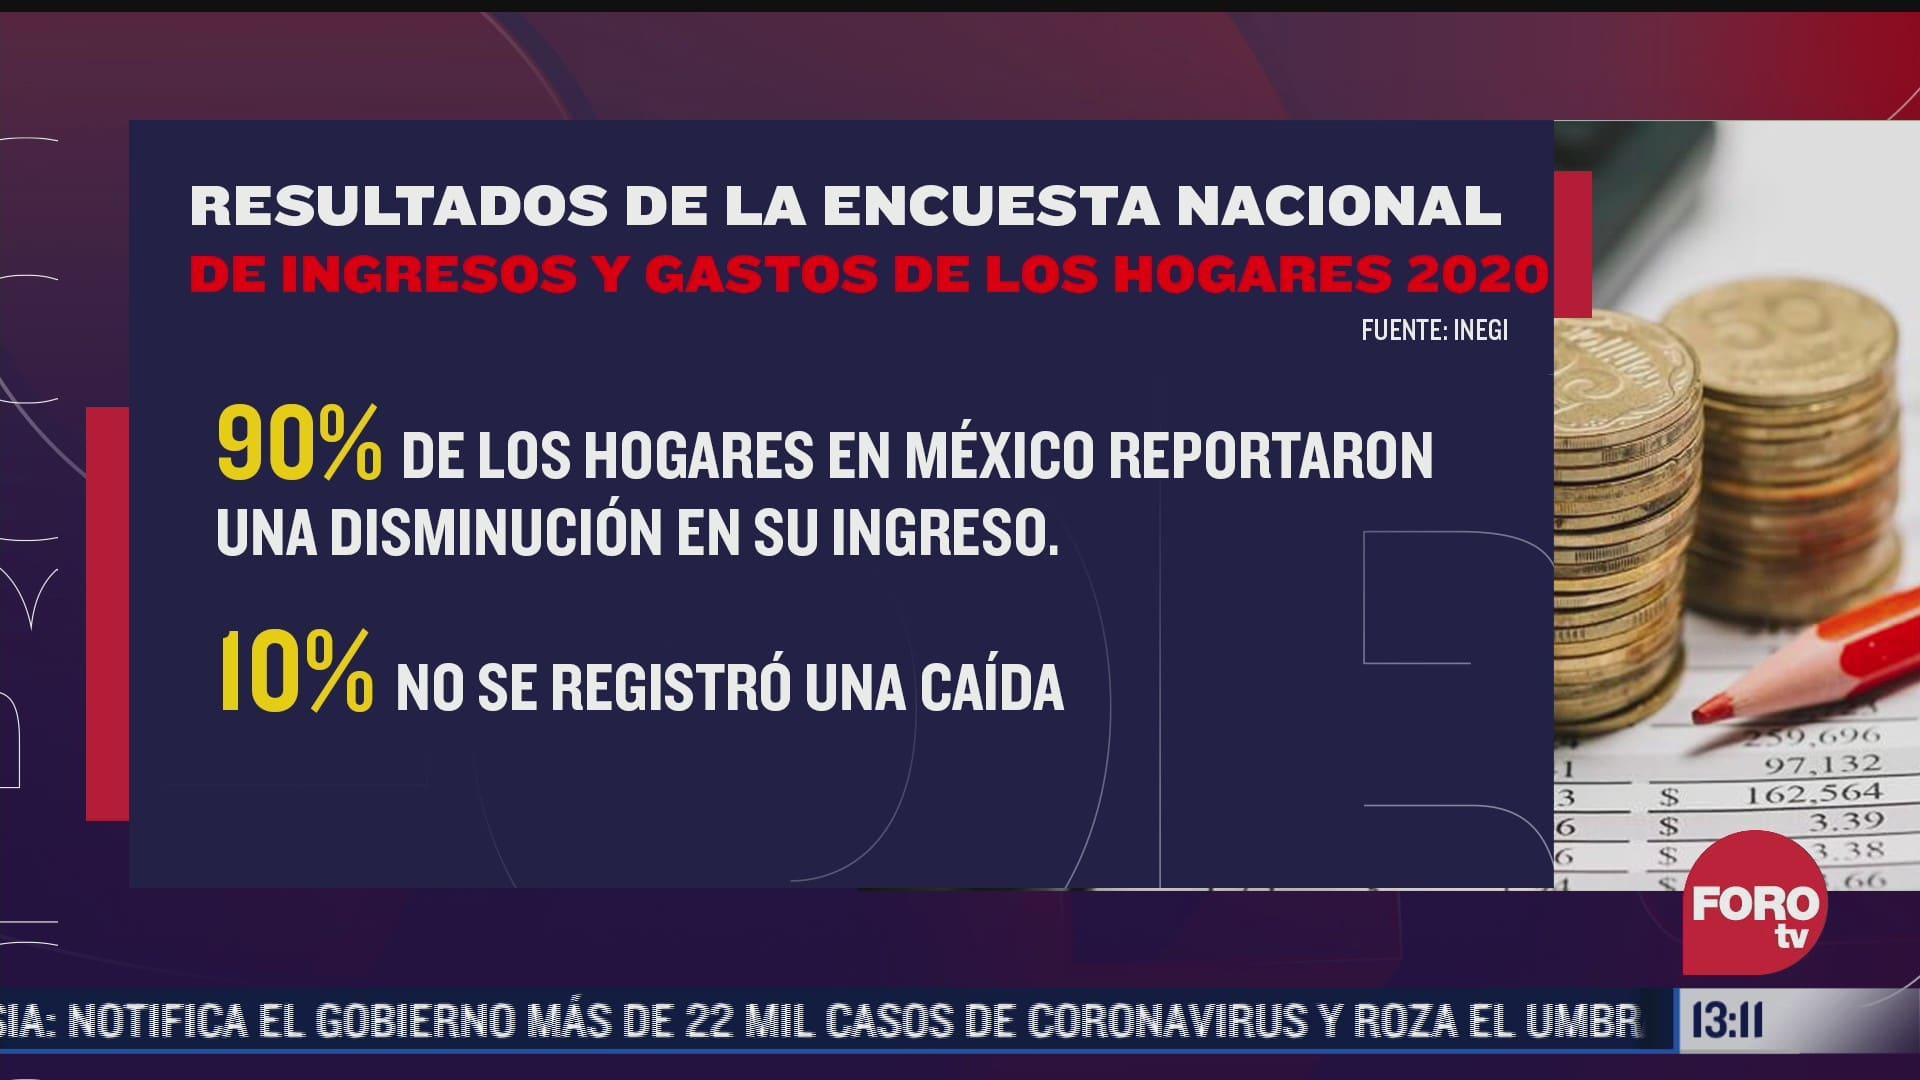 90 de hogares en mexico reportaron disminucion en su ingreso en 2020 inegi